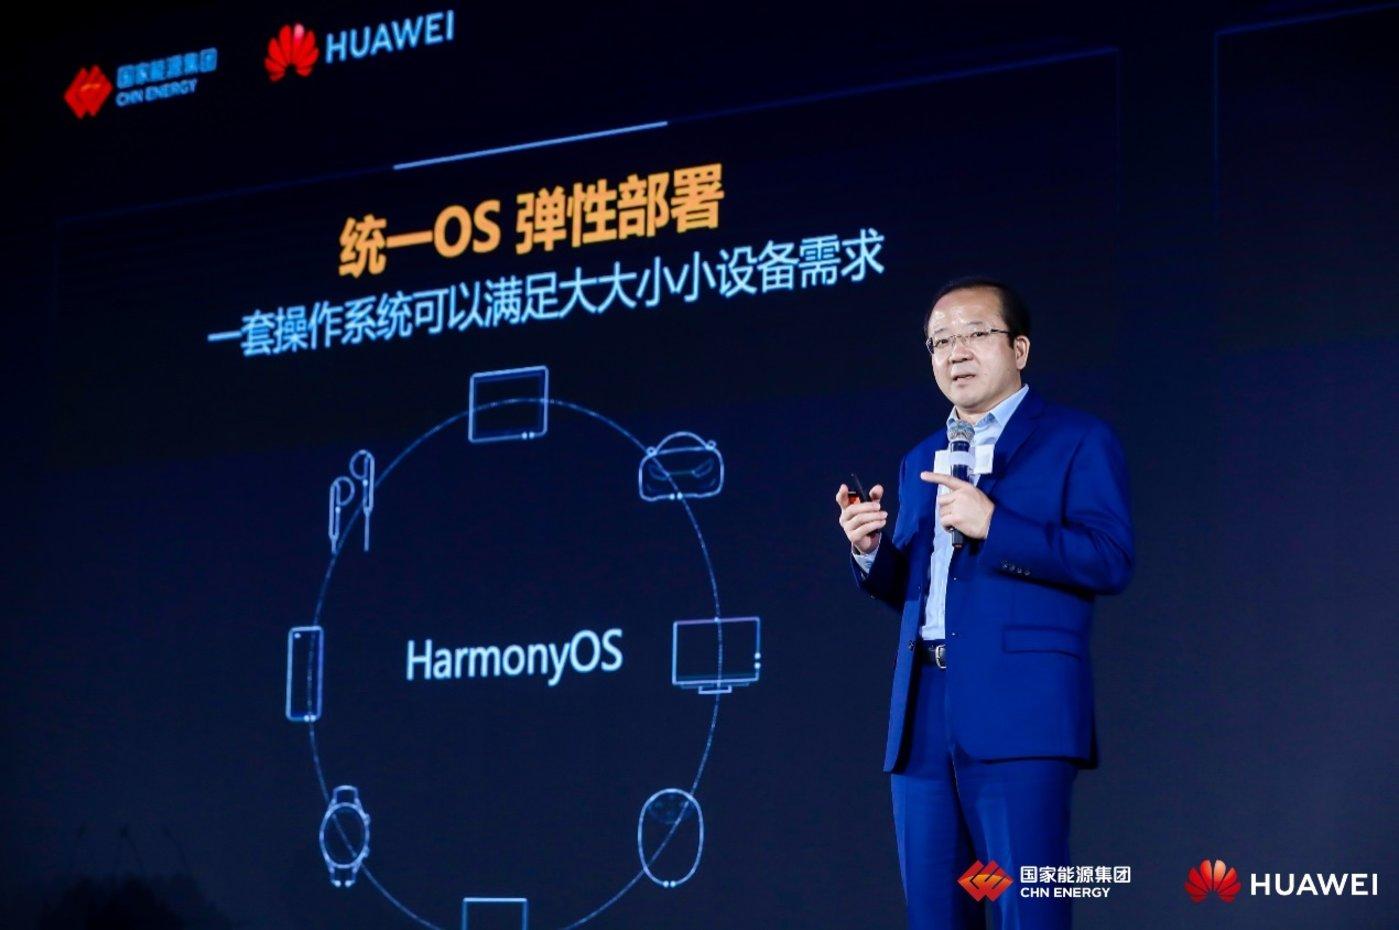 华为华为消费者业务AI与智慧全场景业务部总裁王成录